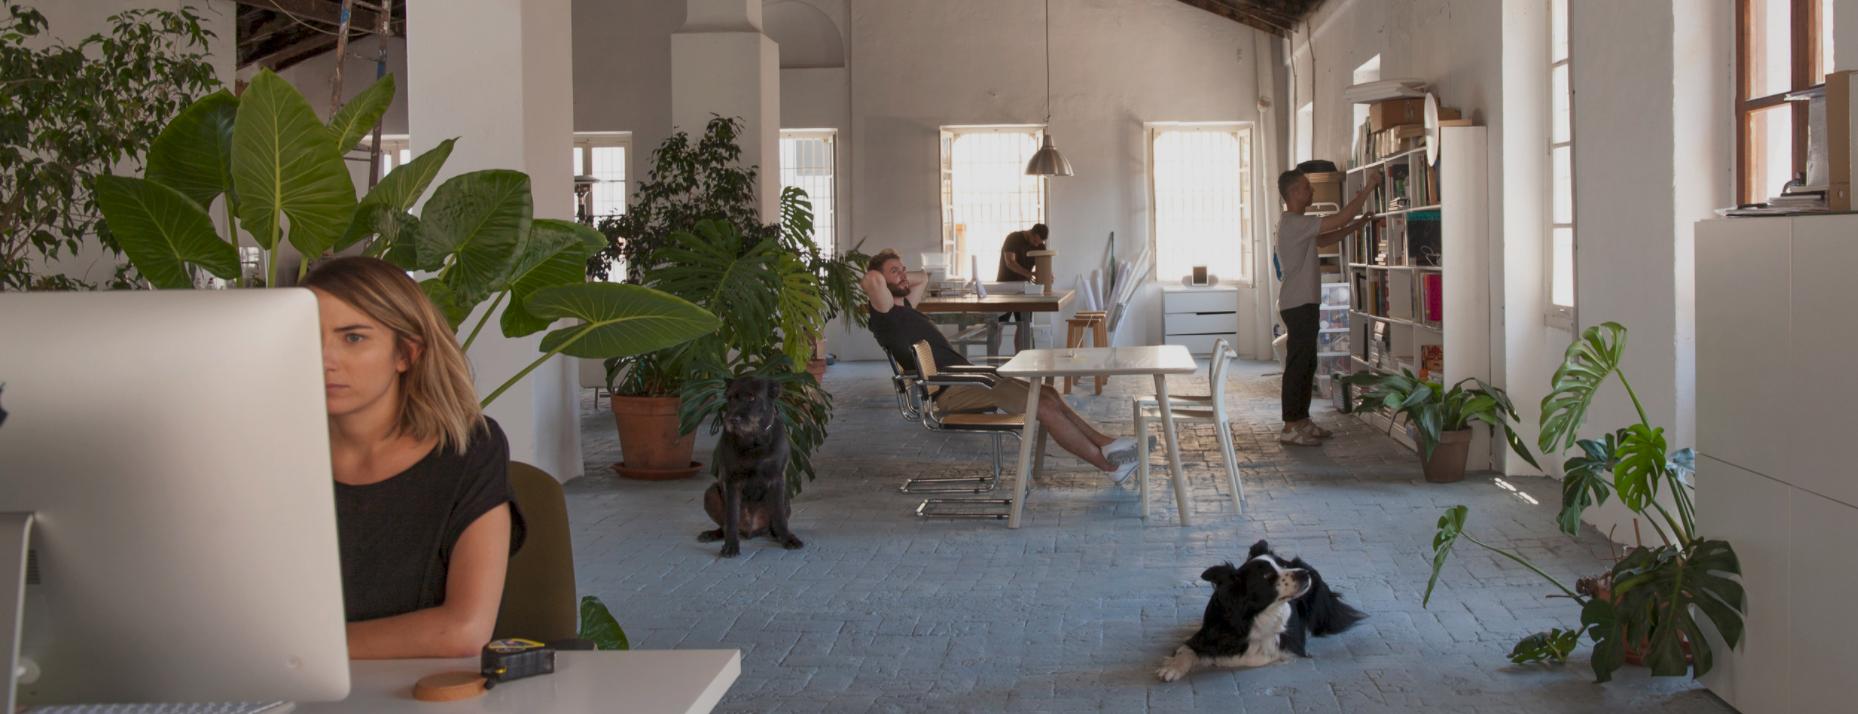 perezochando diseñador de producto en kendo mobiliario